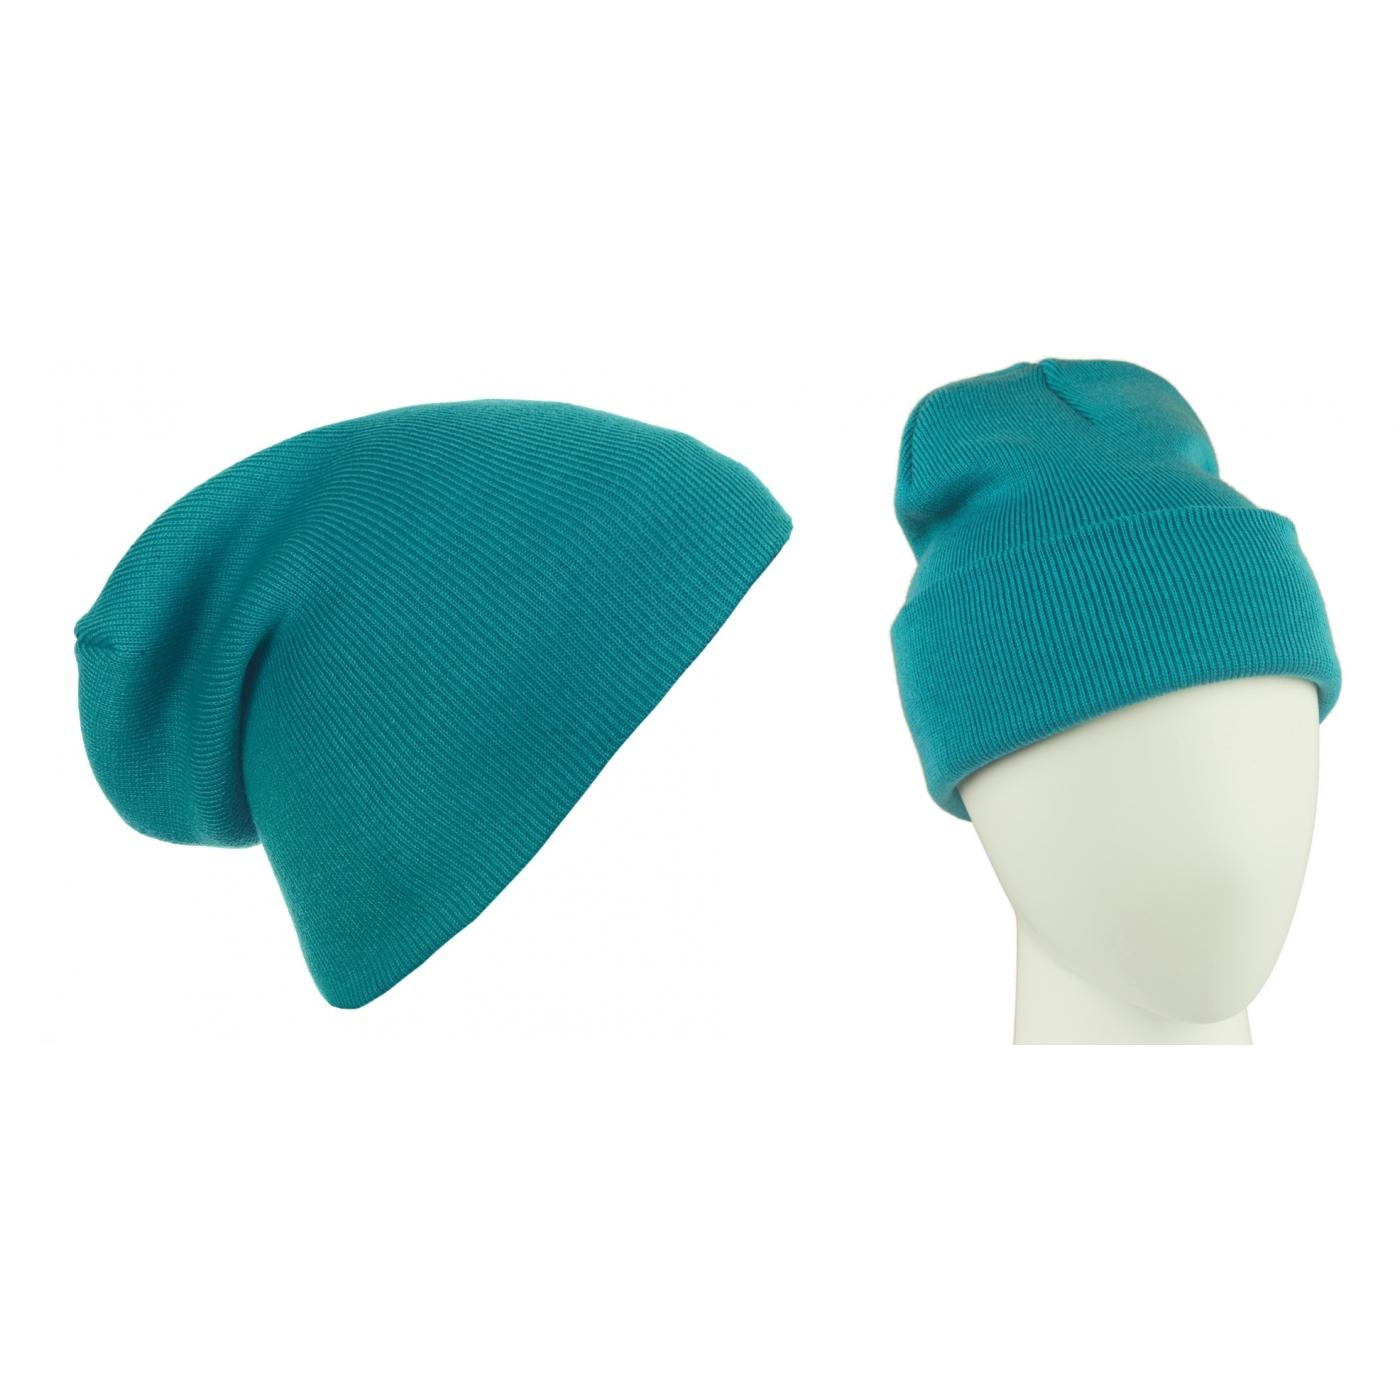 Męska czapka zimowa krasnal 3w1 - turkusowa